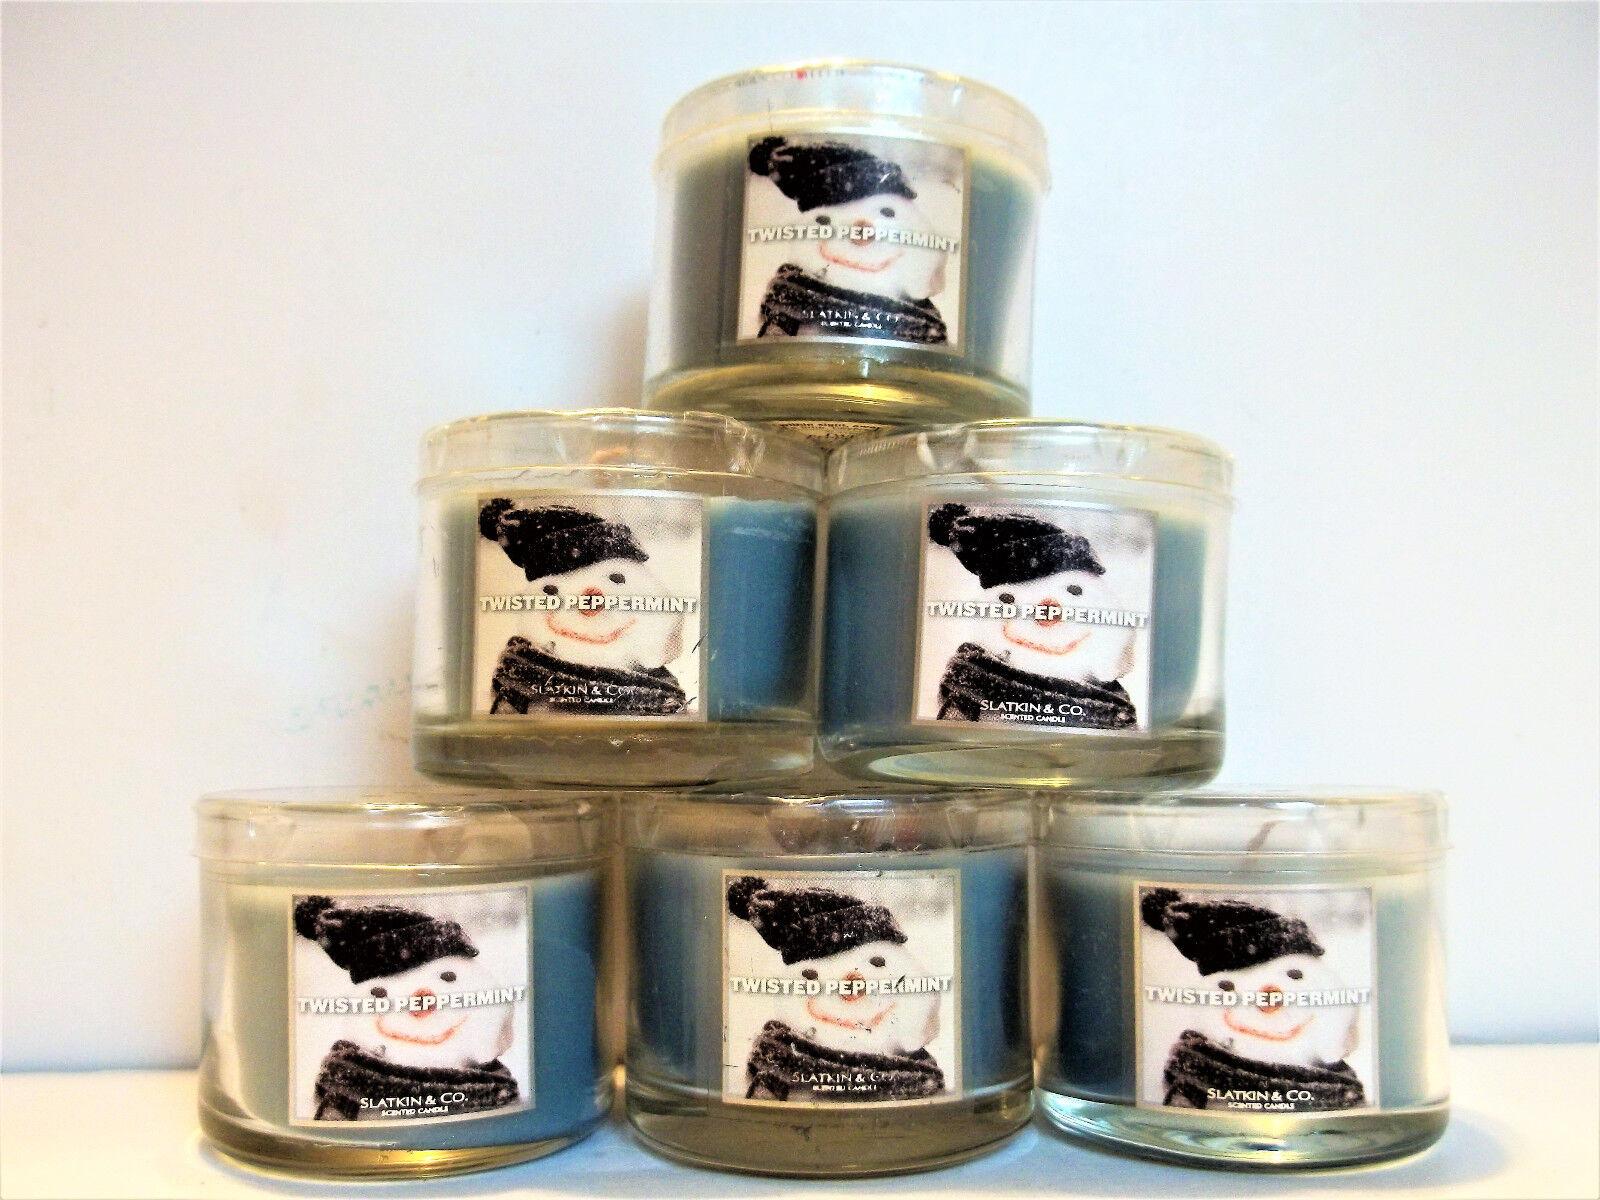 Bath Body Works Slatkin TWISTED PEPPERMINT Mini Candles, glass, 1.3 oz., NEW x 6